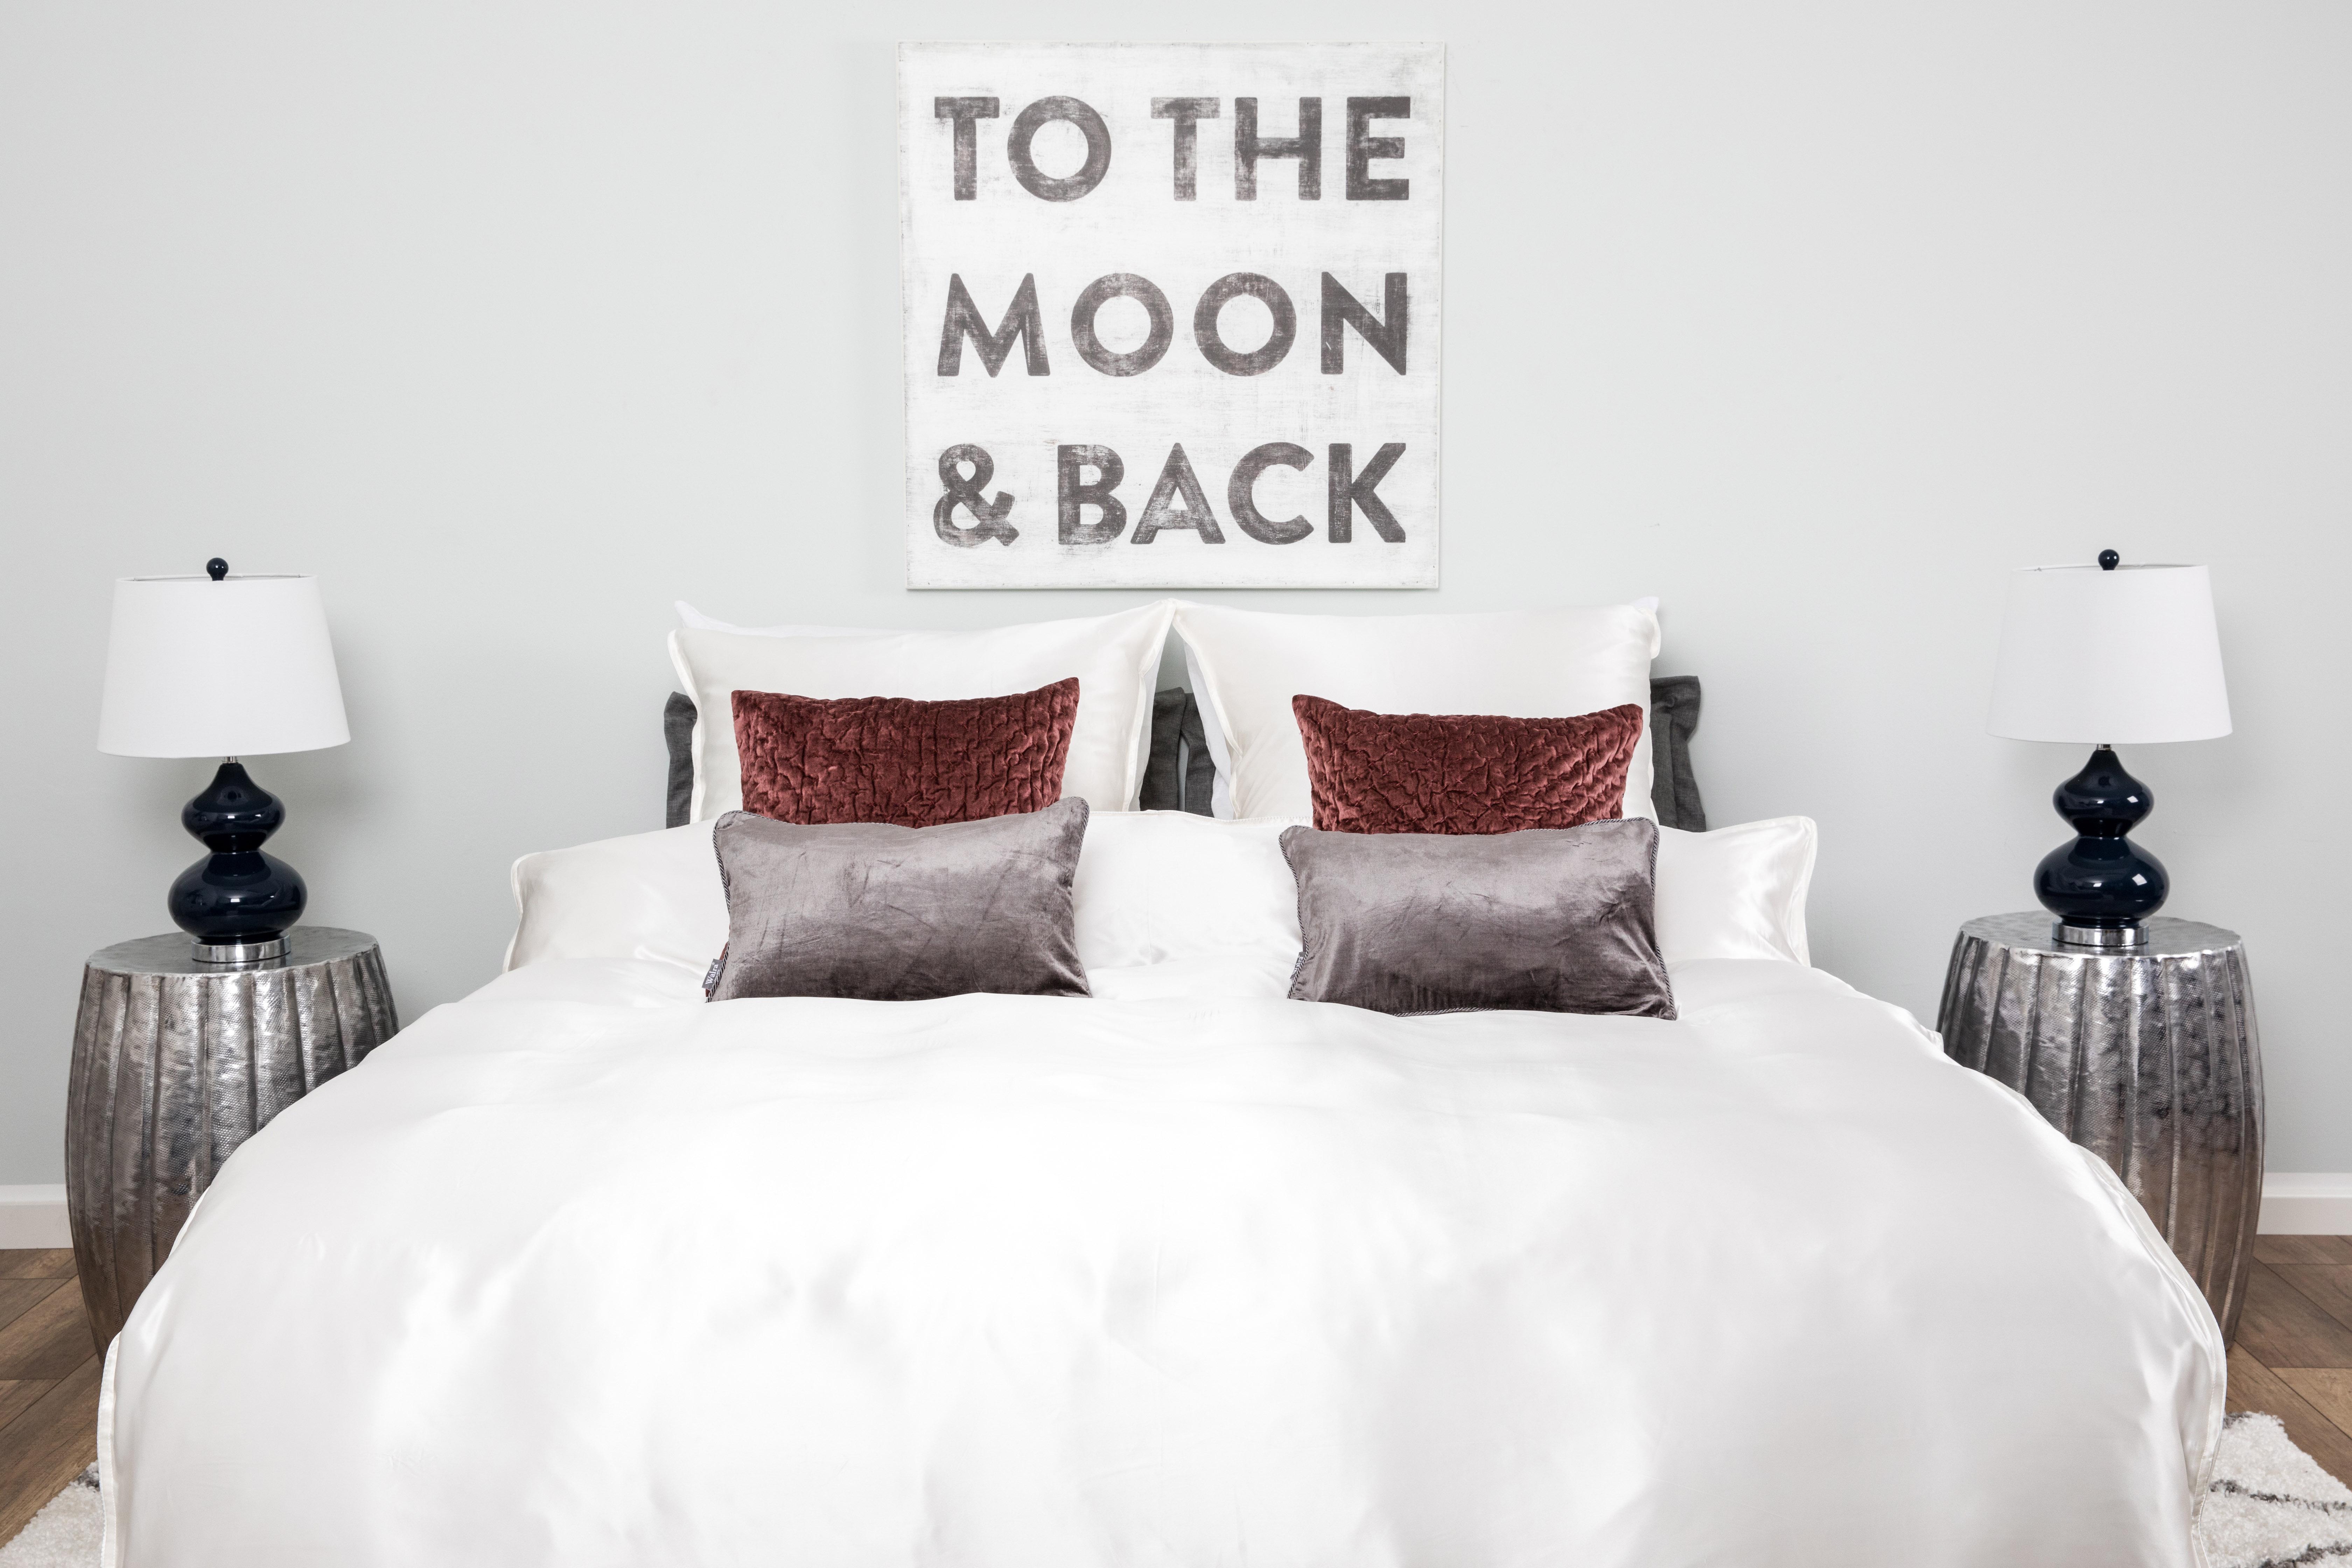 beddengoed-winter-zijden-bed